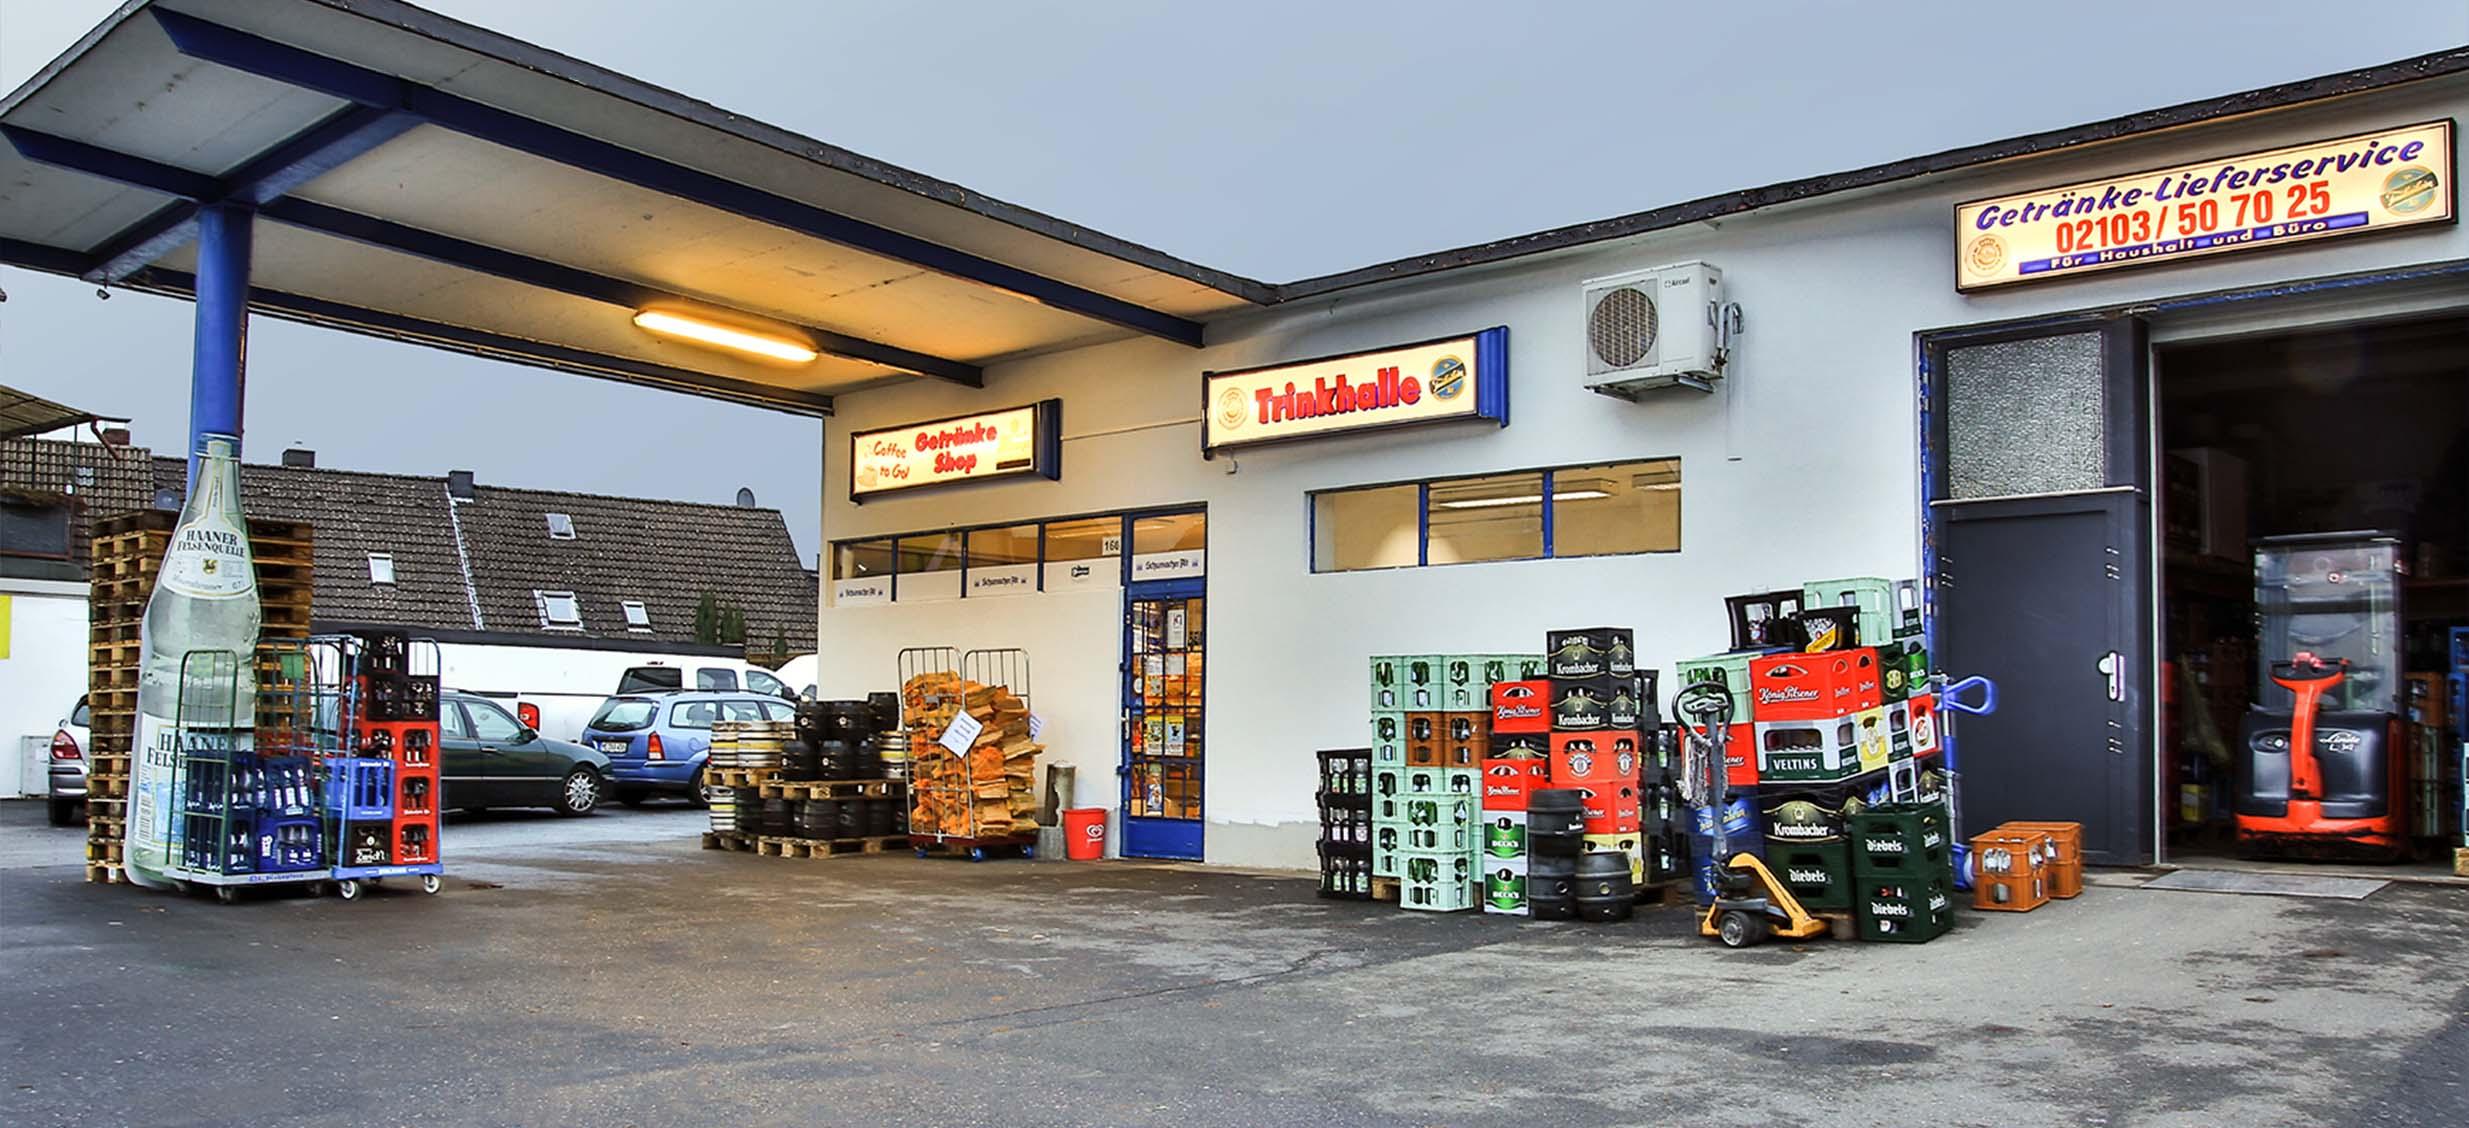 Getr-nke-Shop-hilden-Front